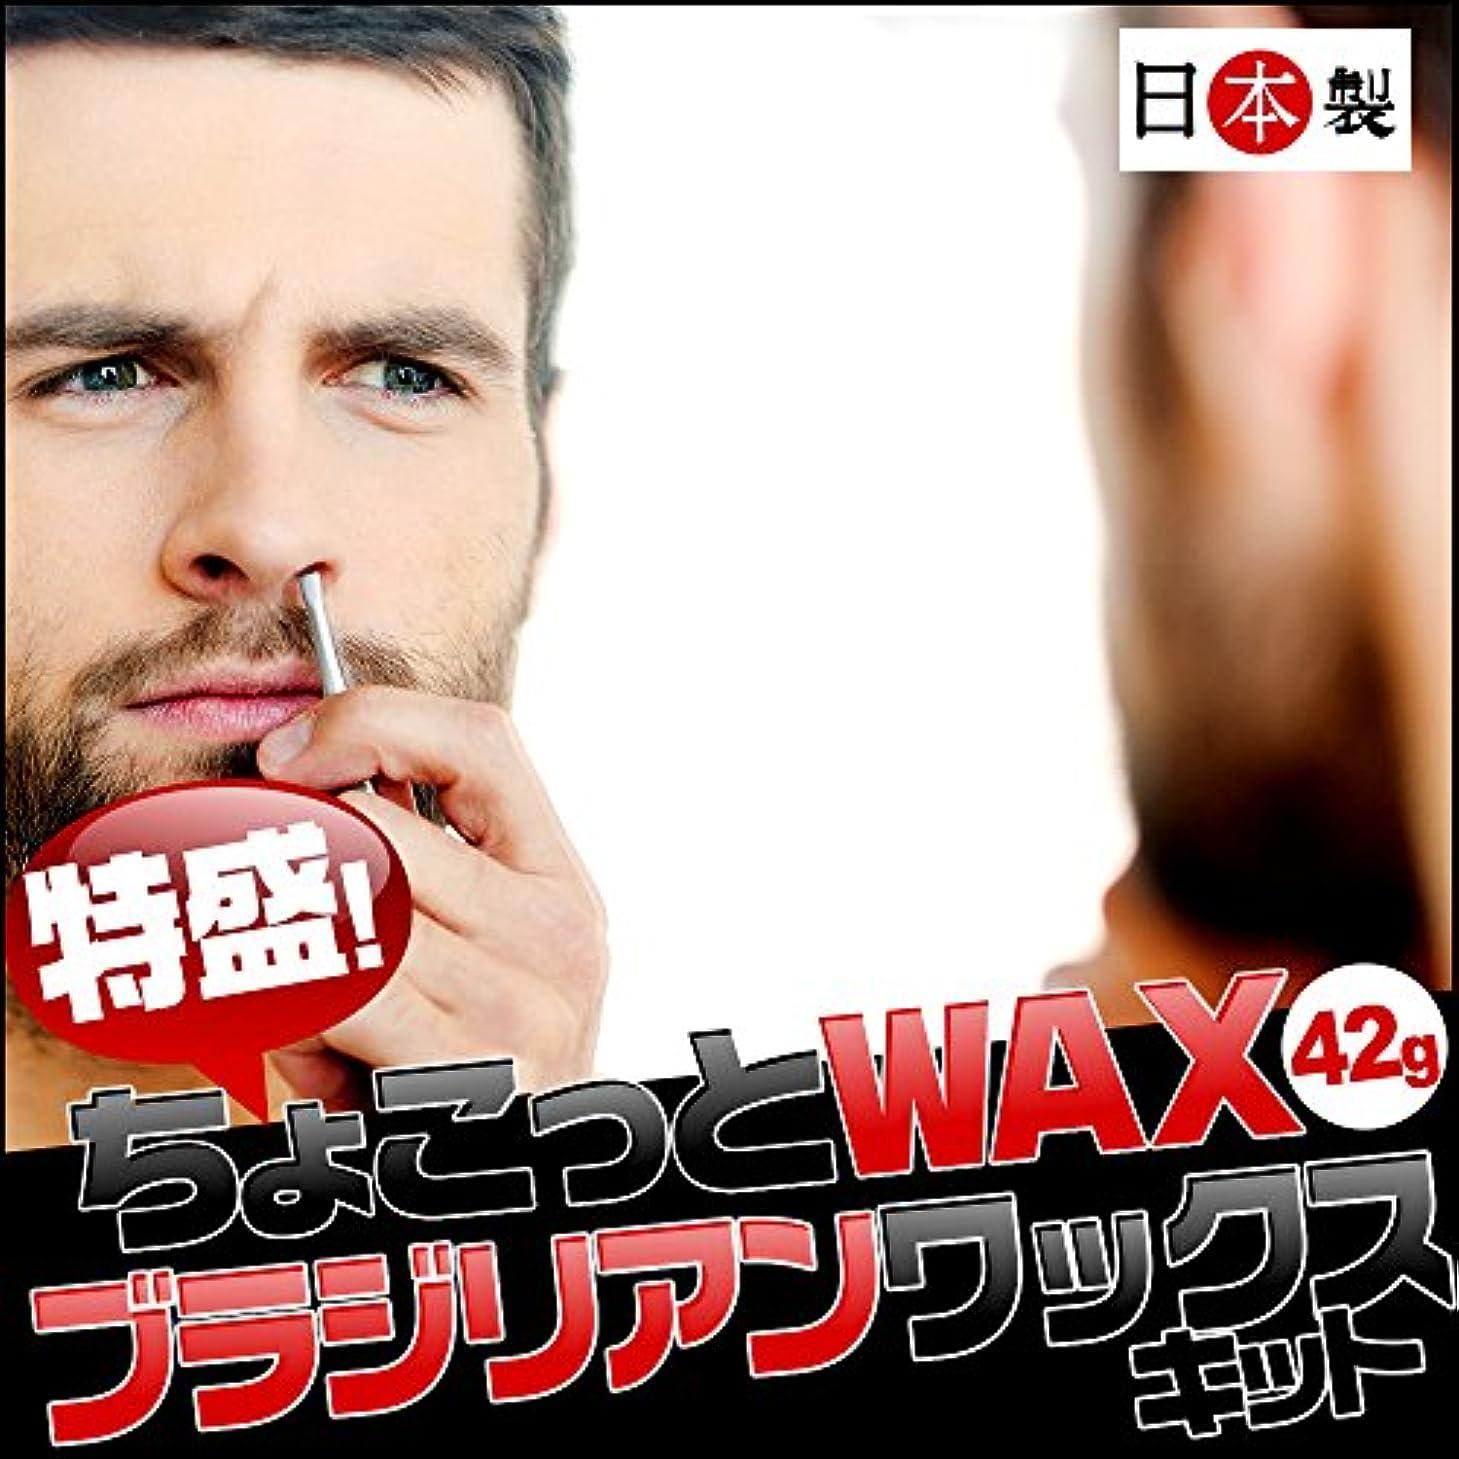 集中聖書習慣日本製ワックスで安心!鼻毛脱毛  特盛  ちょこっとWax 6回分 (鼻毛スティック12本)